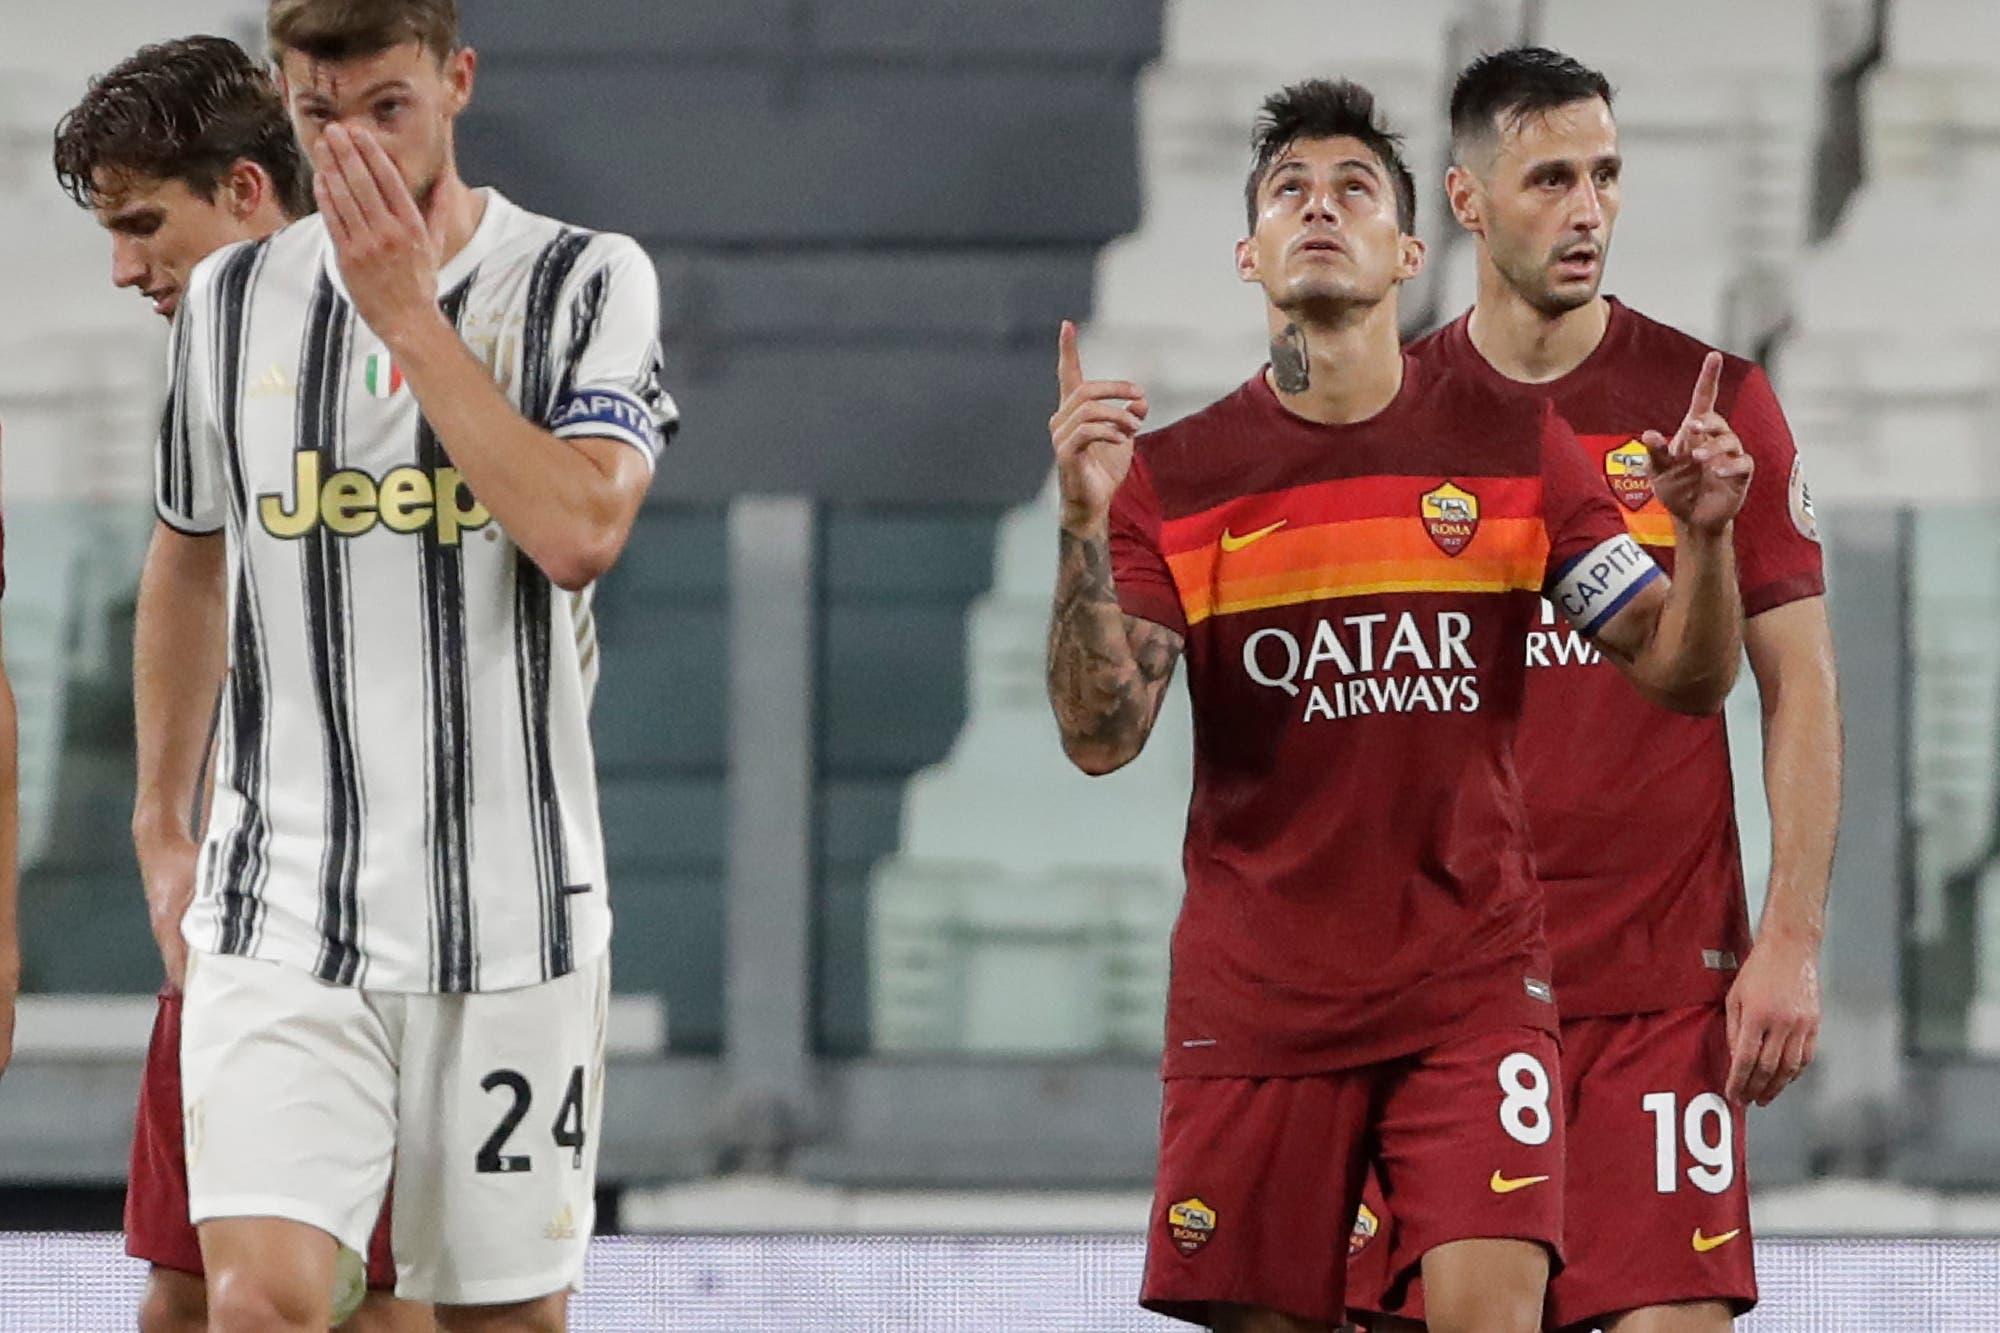 Los goles de Diego Perotti y Gonzalo Higuaín por la Serie A y cómo quedan las clasificaciones para las copas europeas